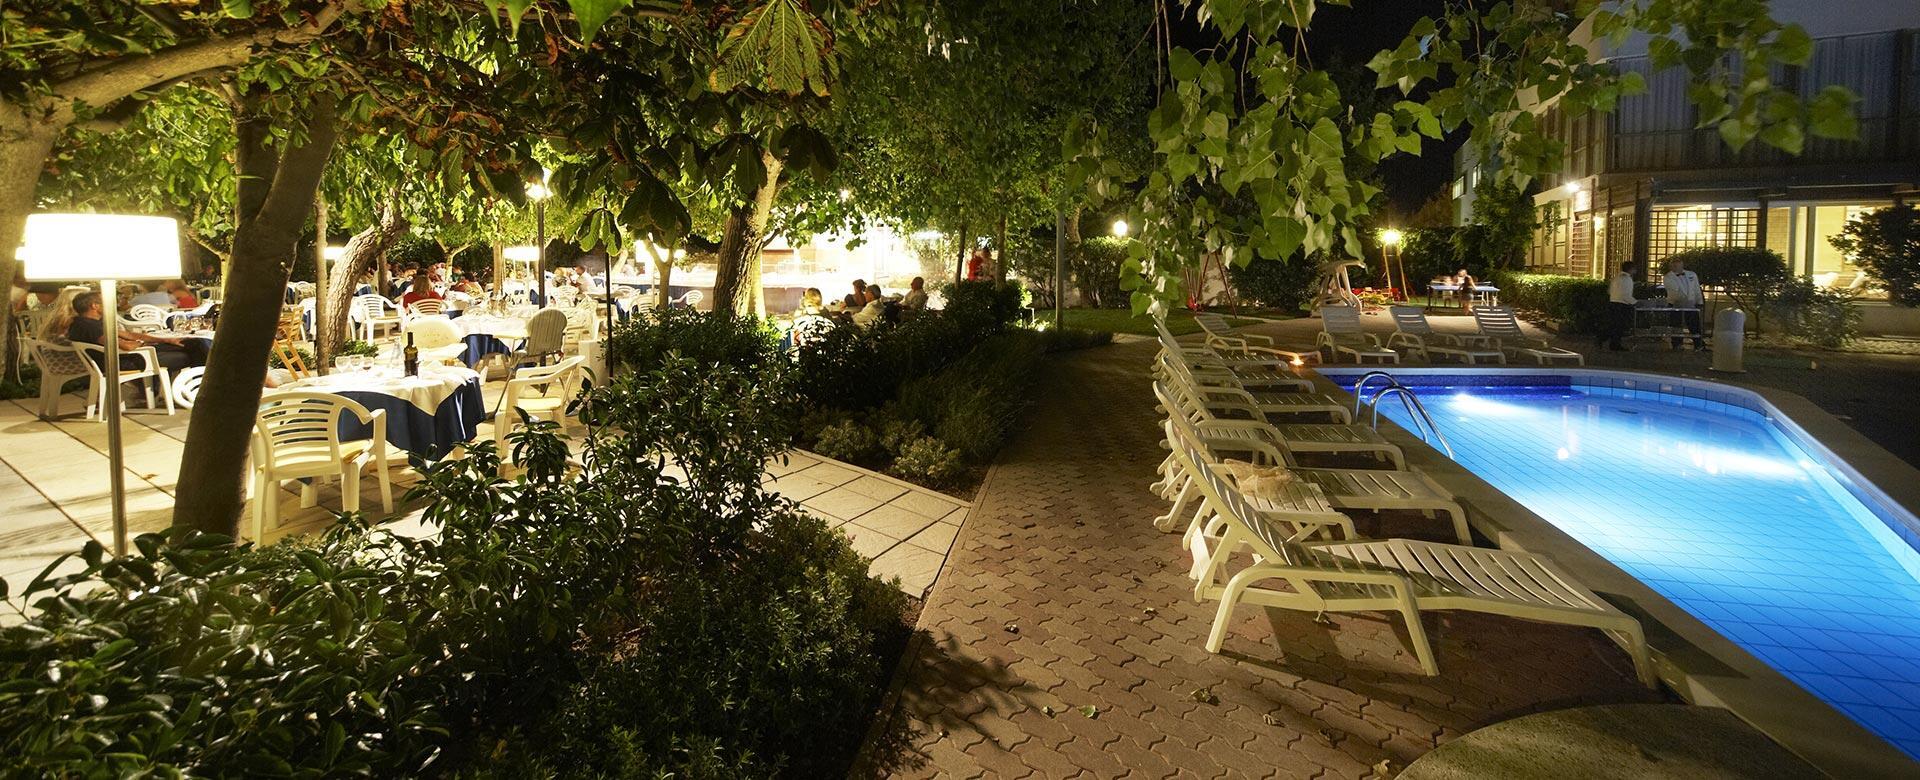 alexandraplaza it hotel-direttamente-sul-mare-riccione 003